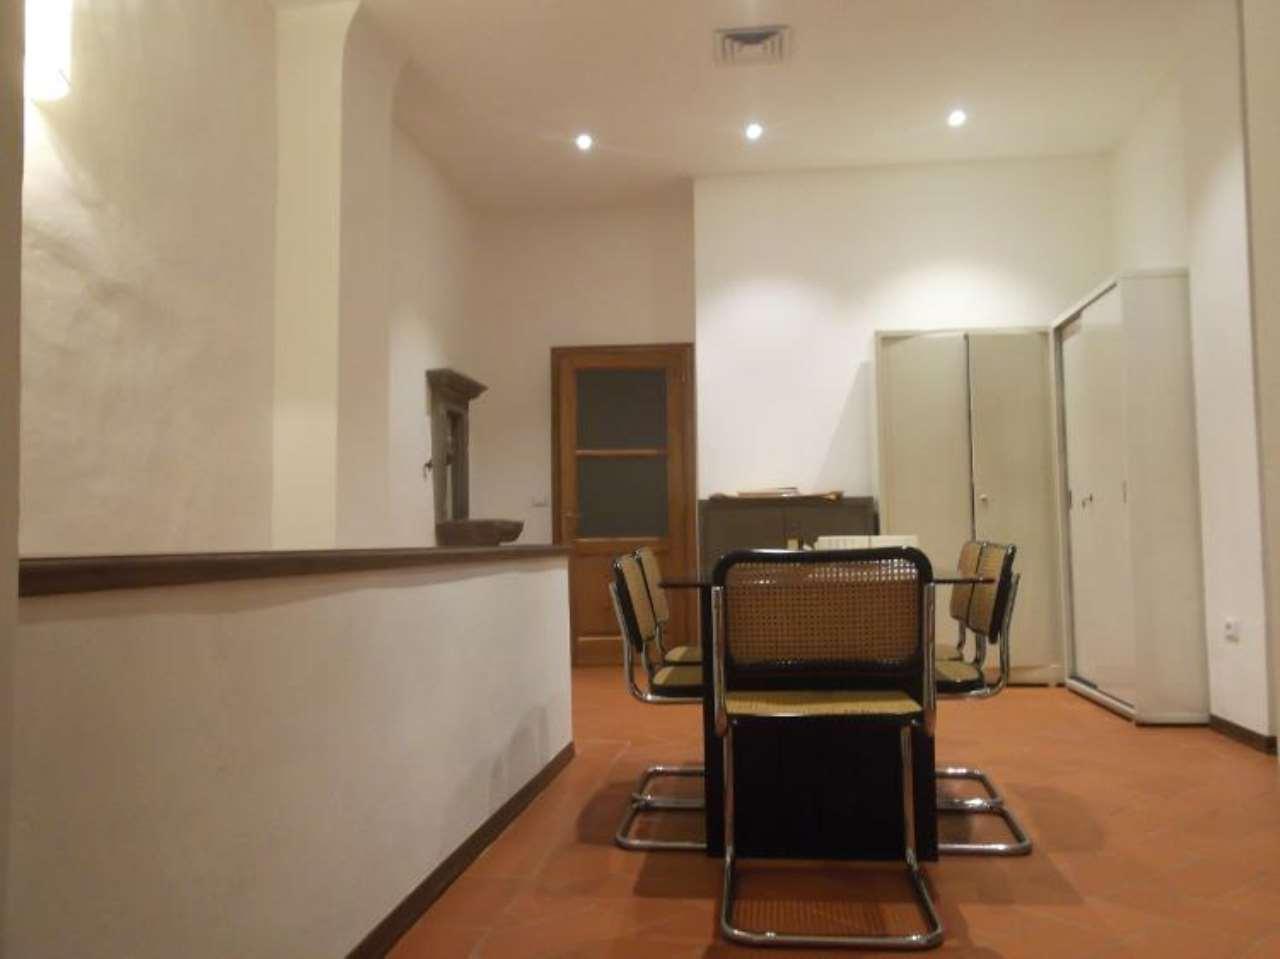 Appartamento in vendita 3 vani 85 mq.  VIA DE SERRAGLI Firenze